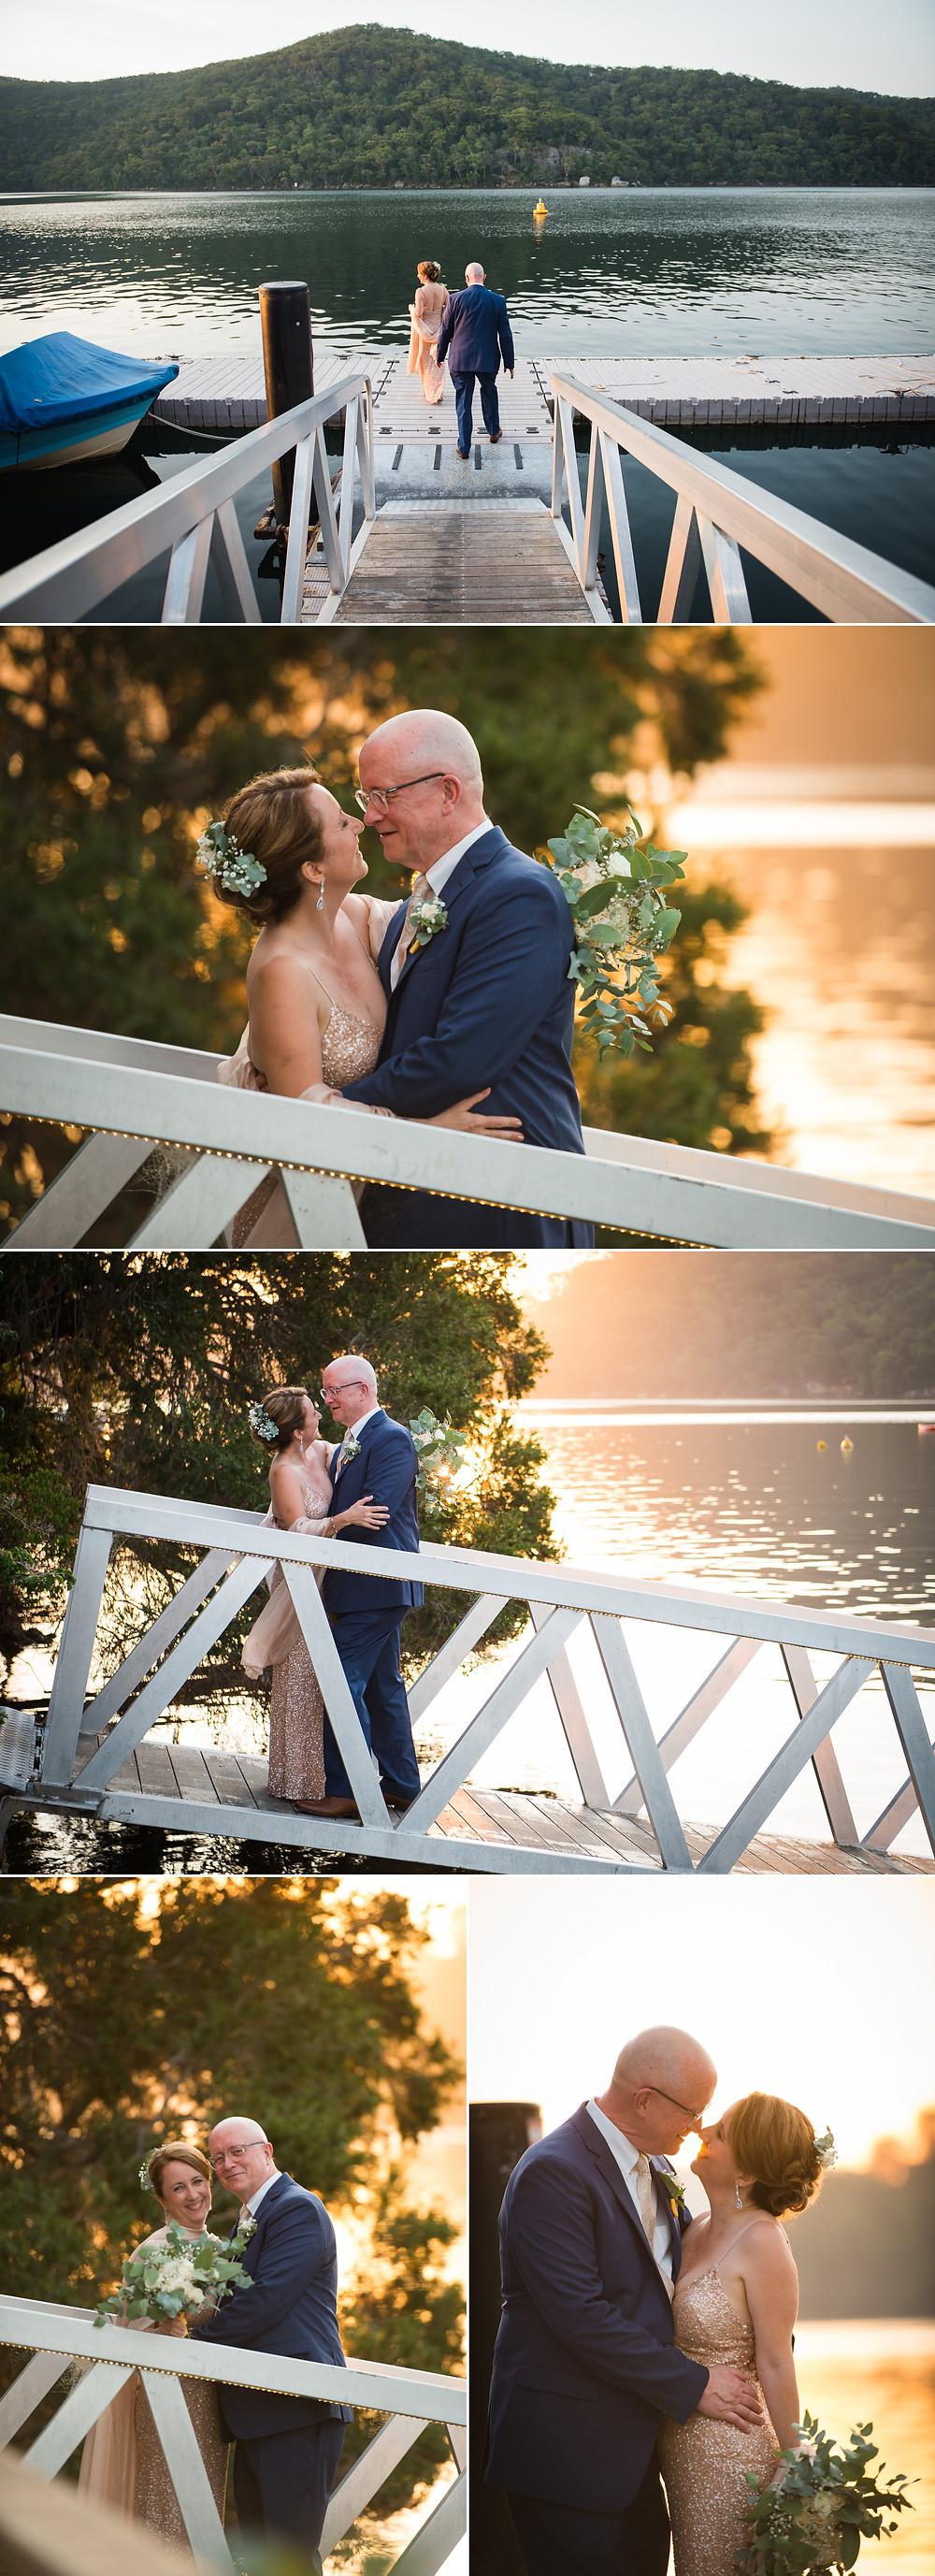 sunset-wedding-photography-sydney